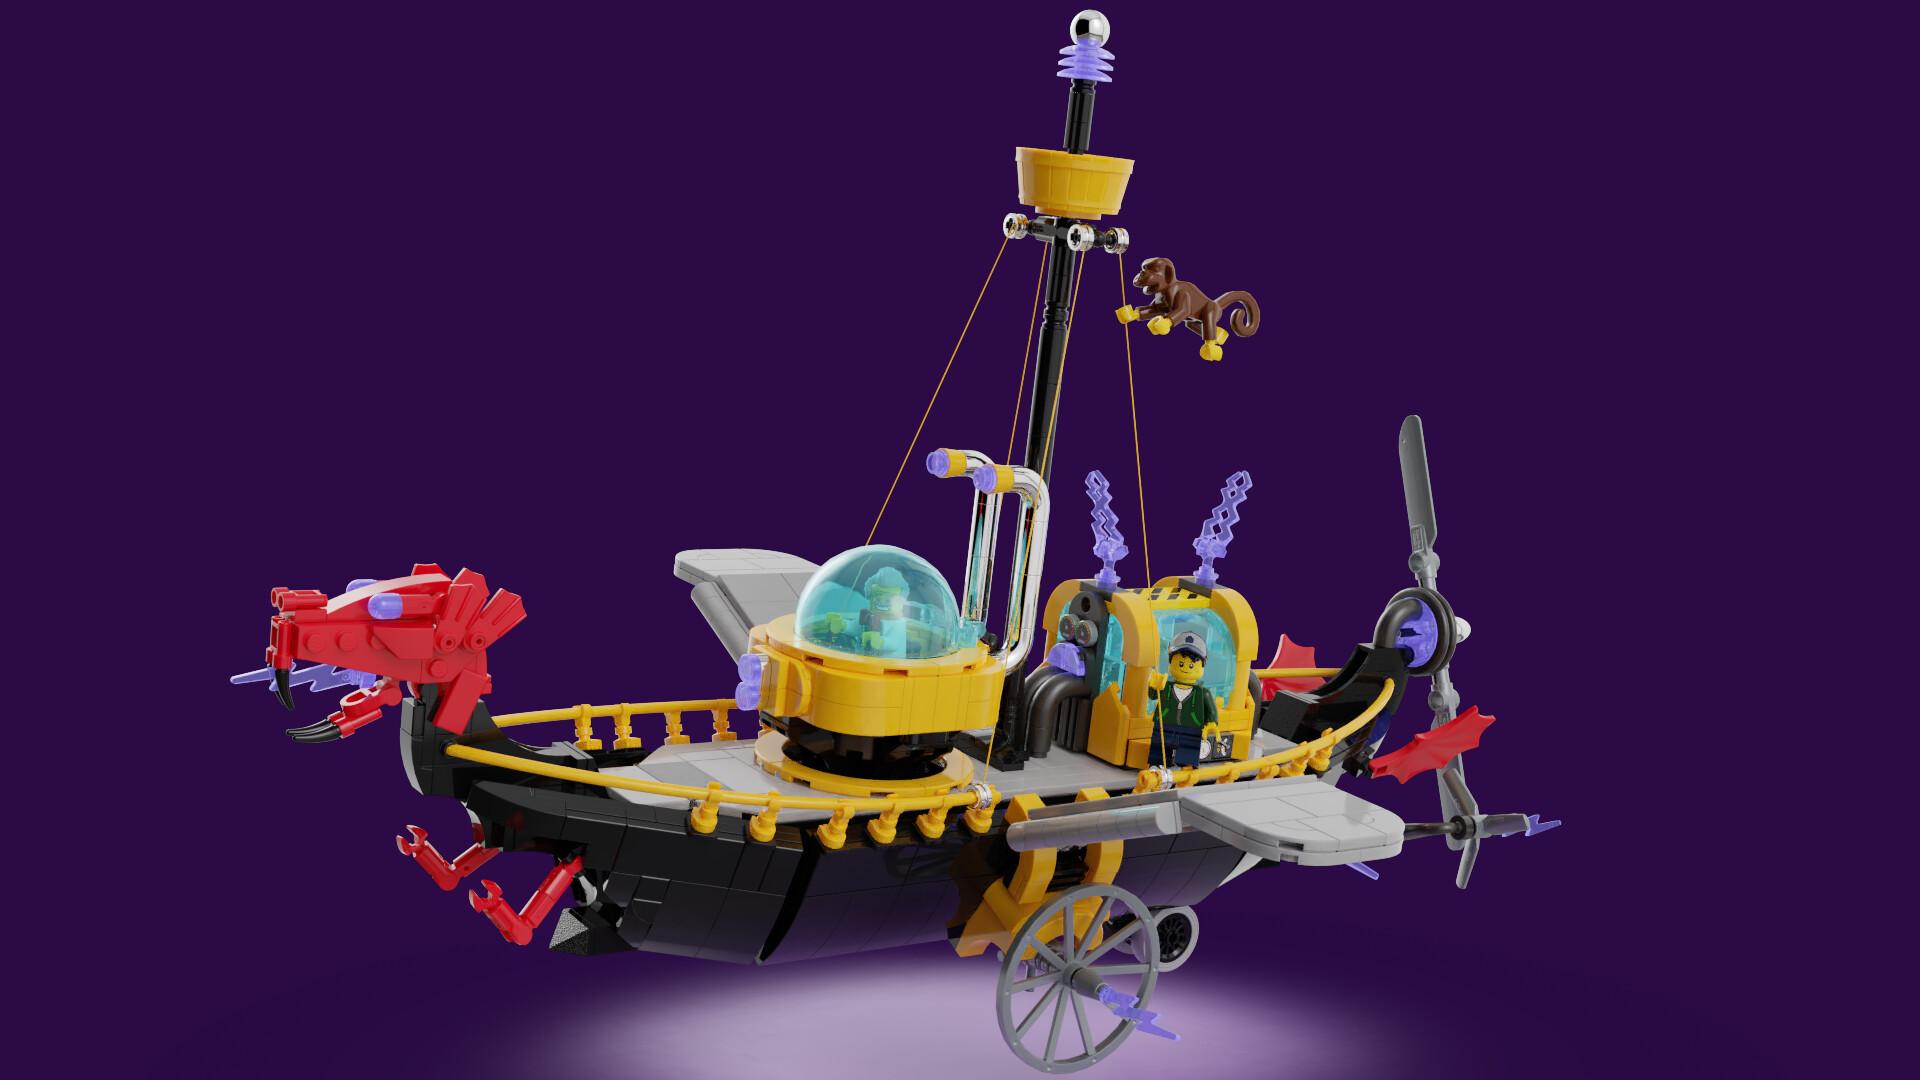 gunn-illustration-flying-time-vessel-sho